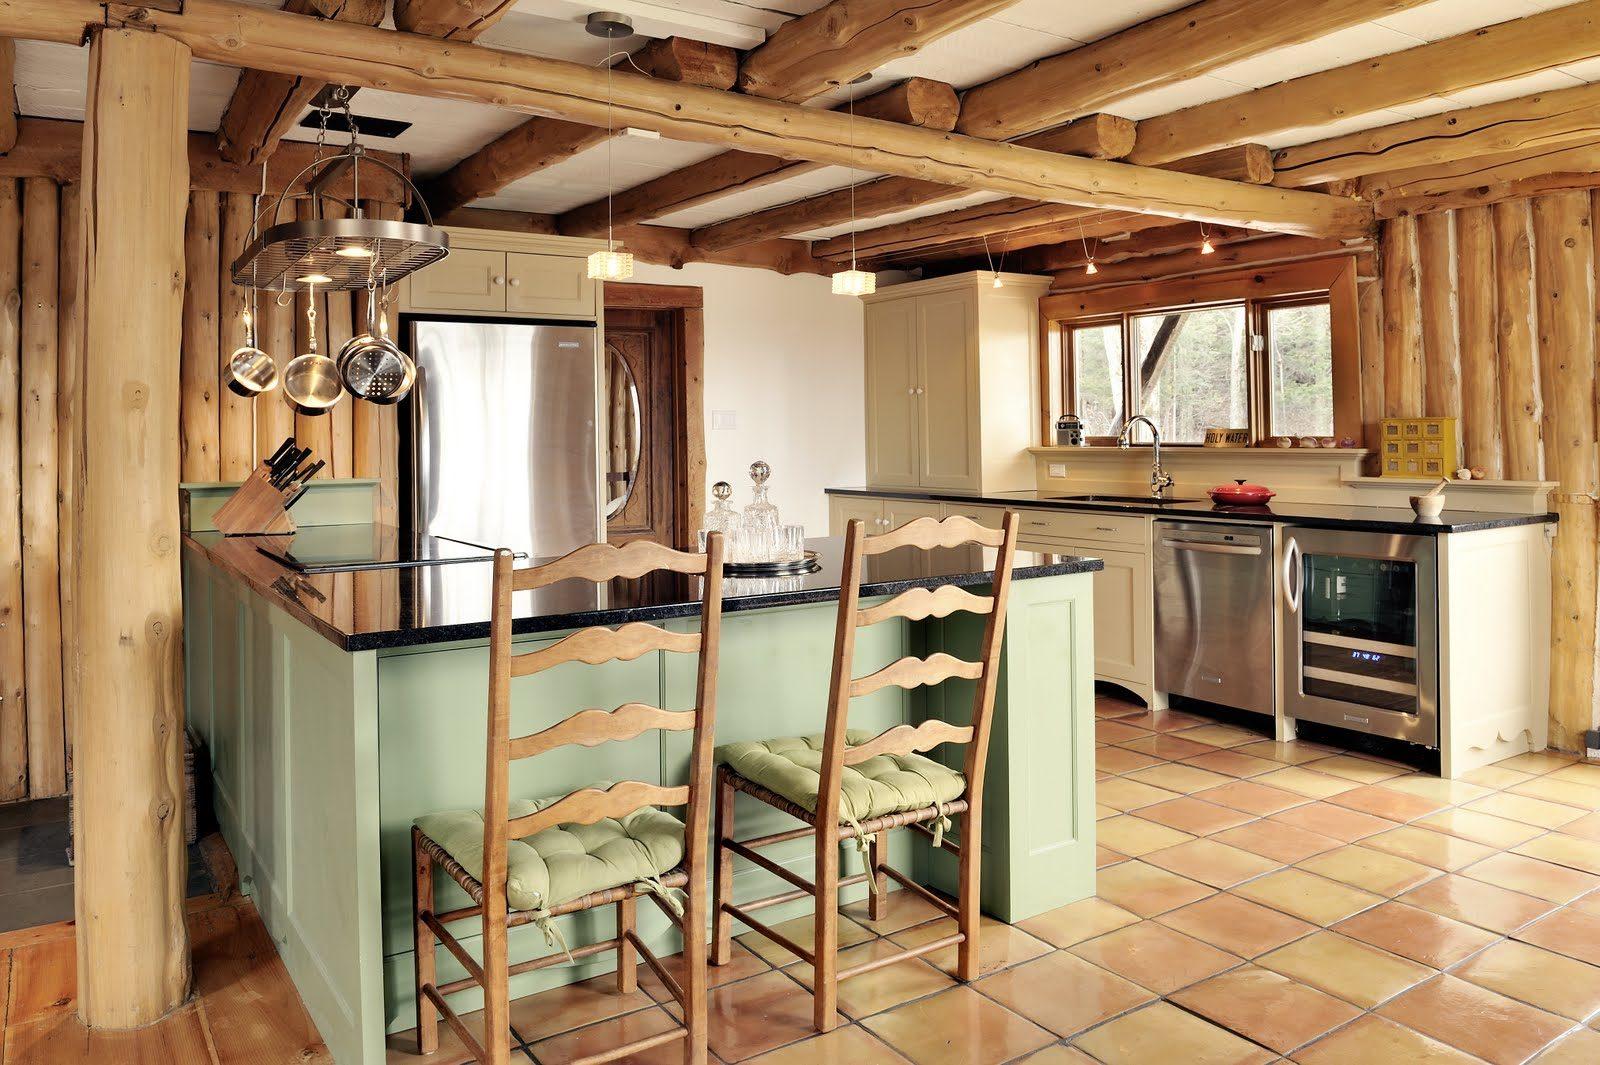 Cocina con vigas de madera im genes y fotos - Cocinas rusticas de madera ...